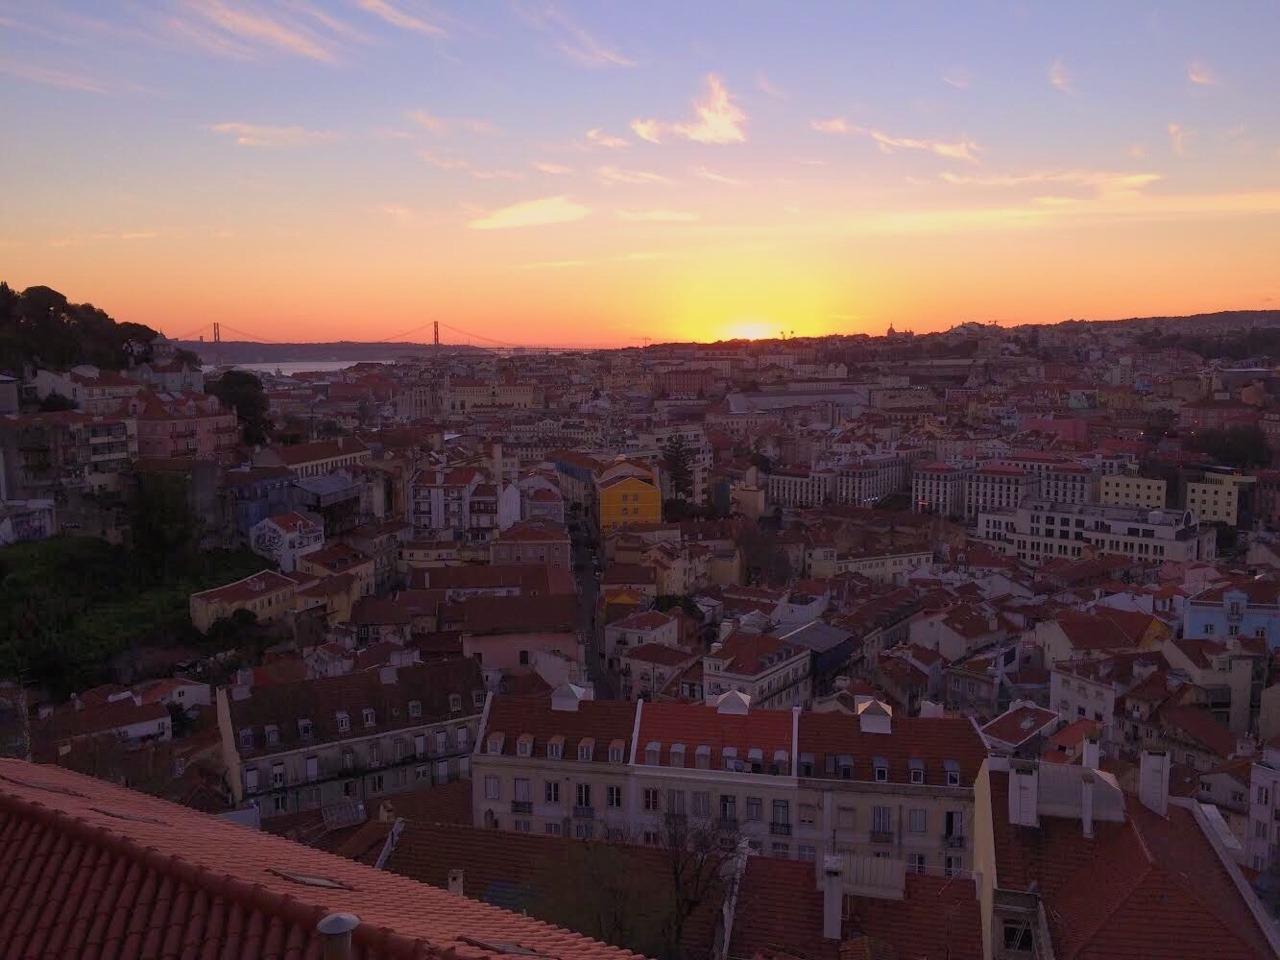 リスボンの夕日と街並み